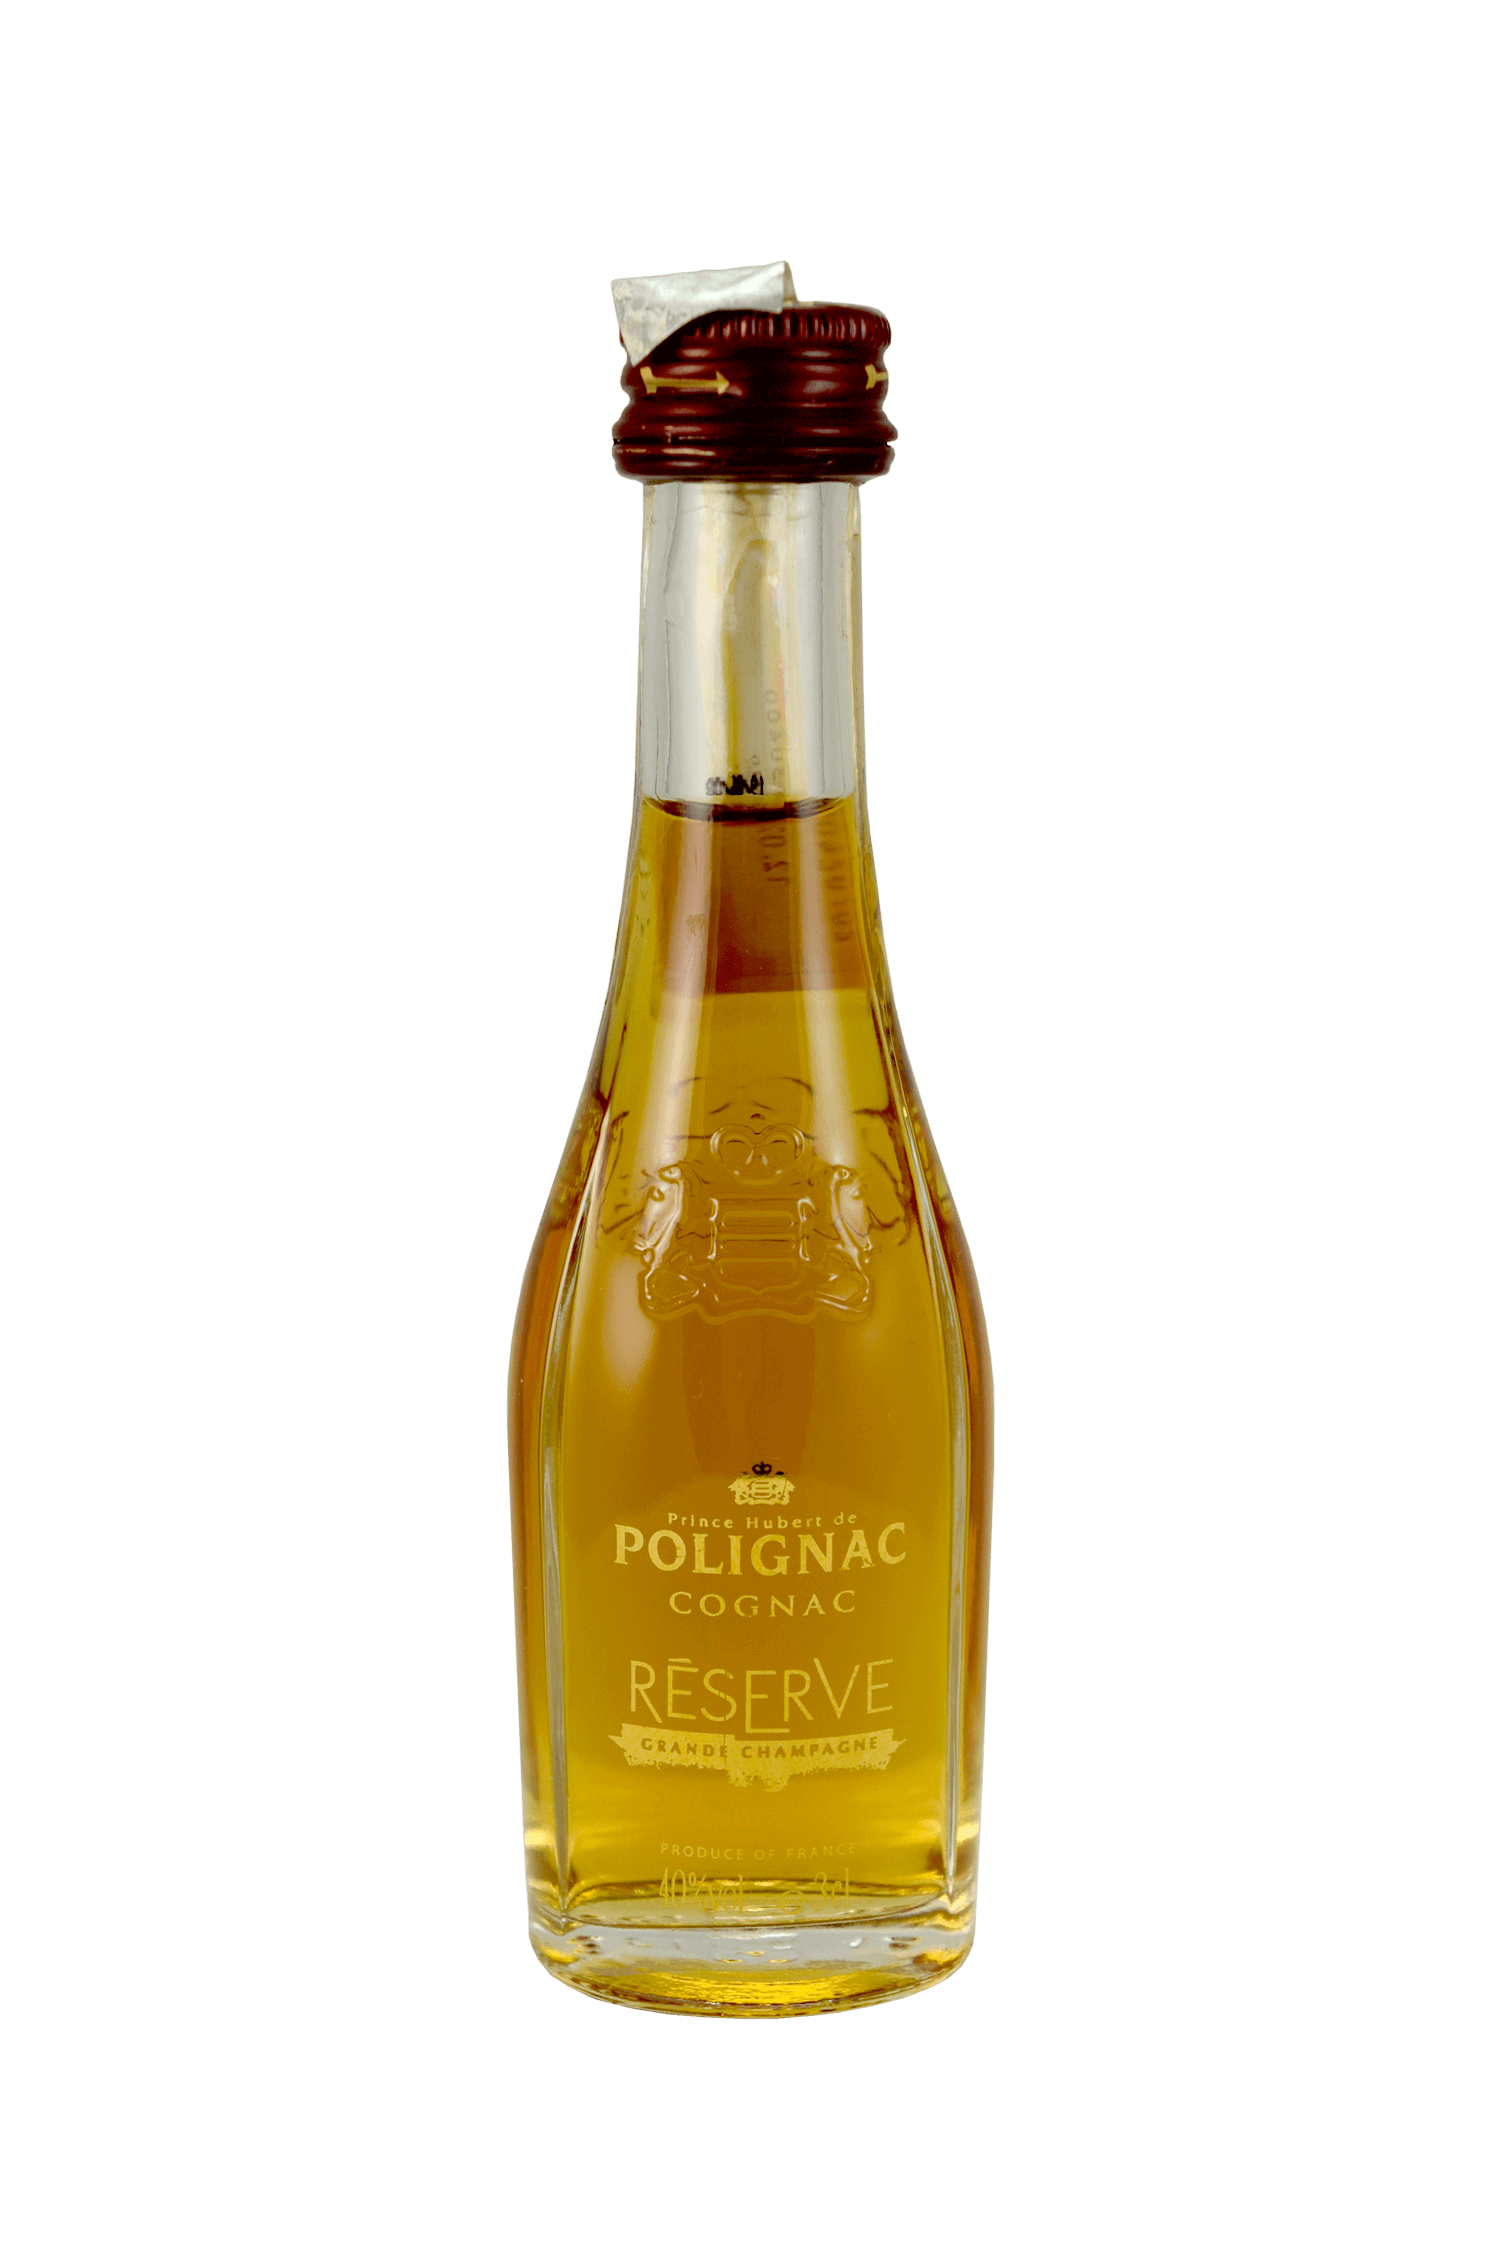 Polignac Cognac Réserve